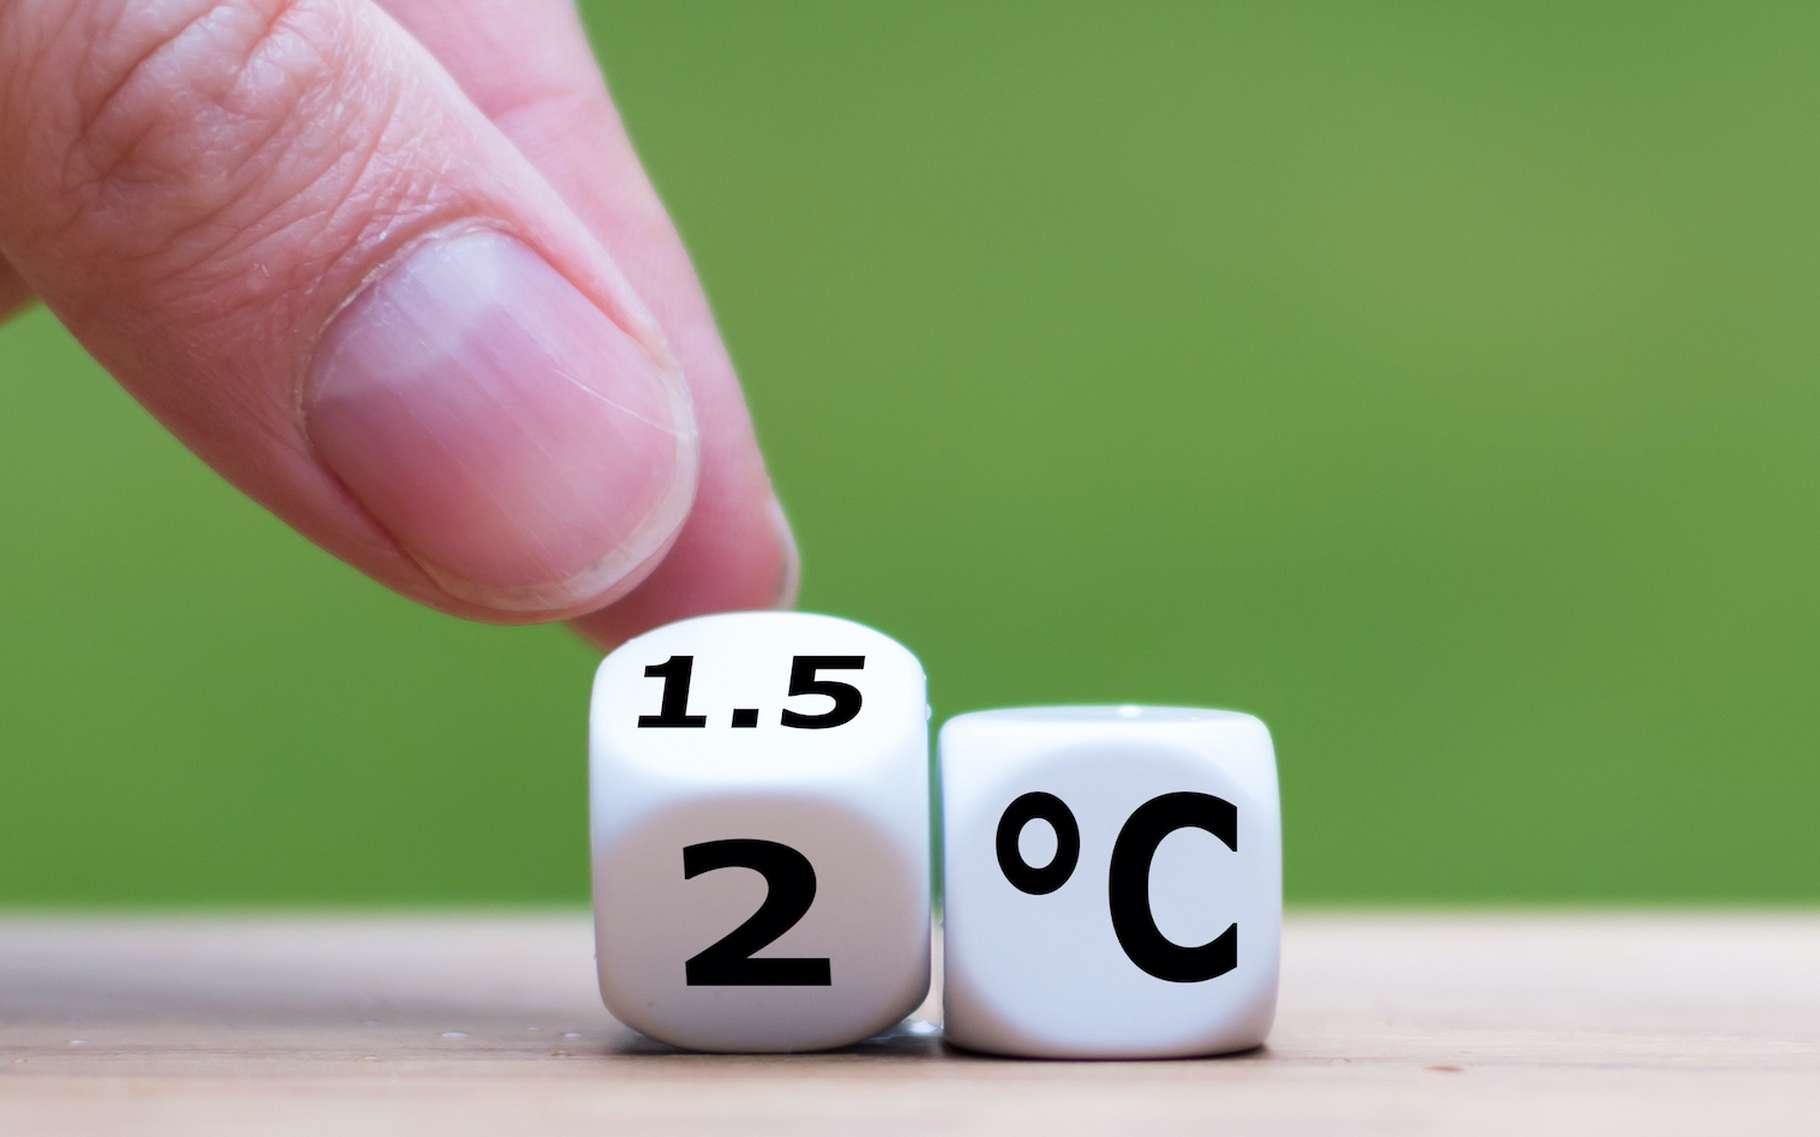 Si dans notre vie quotidienne, nous avons bien du mal à faire la différence entre +1,5 °C et +2,0 °C, lorsqu'il est question de réchauffement climatique, ce demi-degré d'écart prend de l'importance. © Fokussiert, Adobe Stock